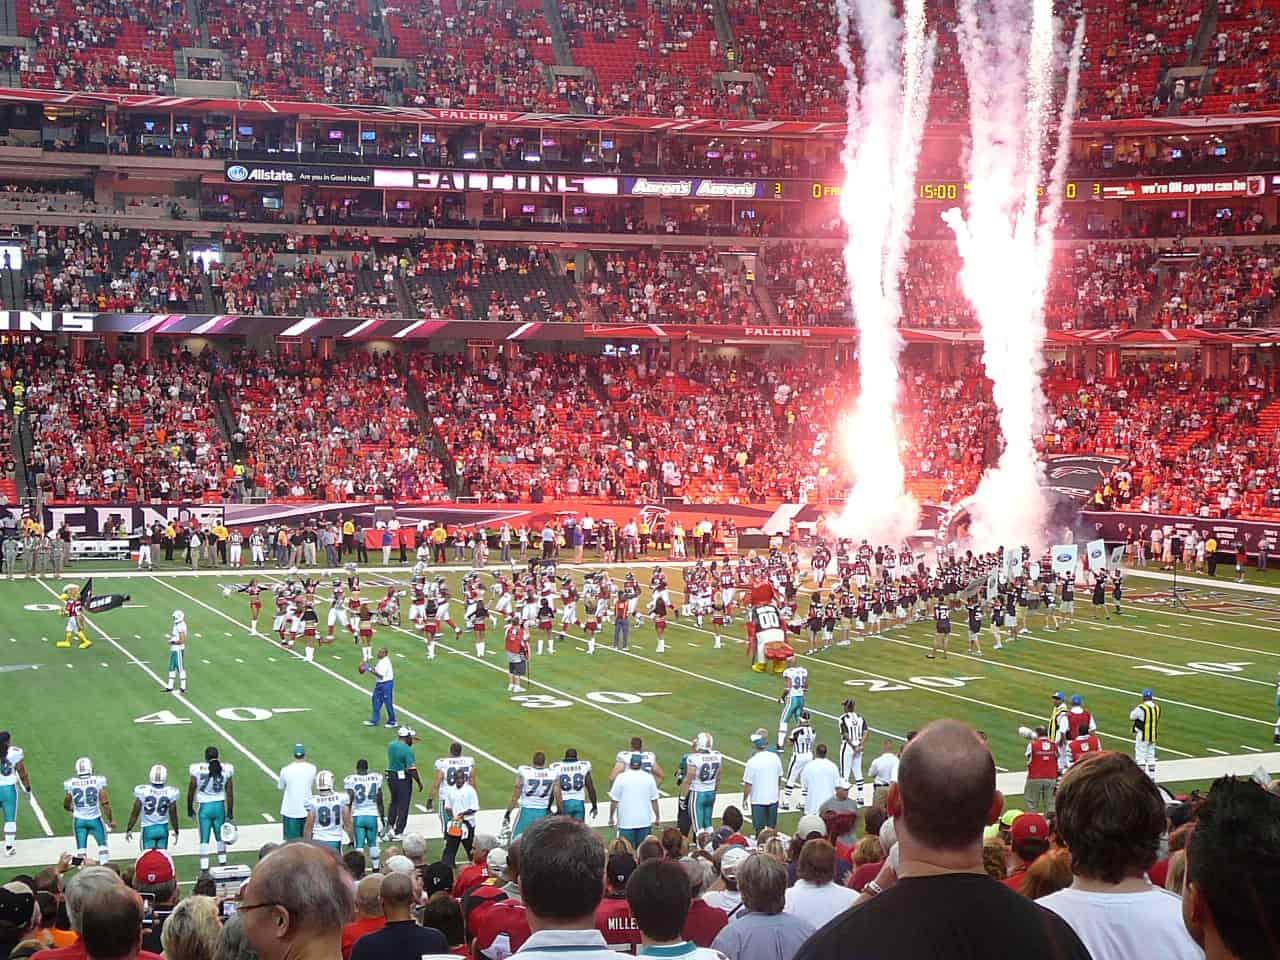 Como ver jogos da NFL no estádio  Um guia para compra de ingressos e dicas bb26d8c97c172